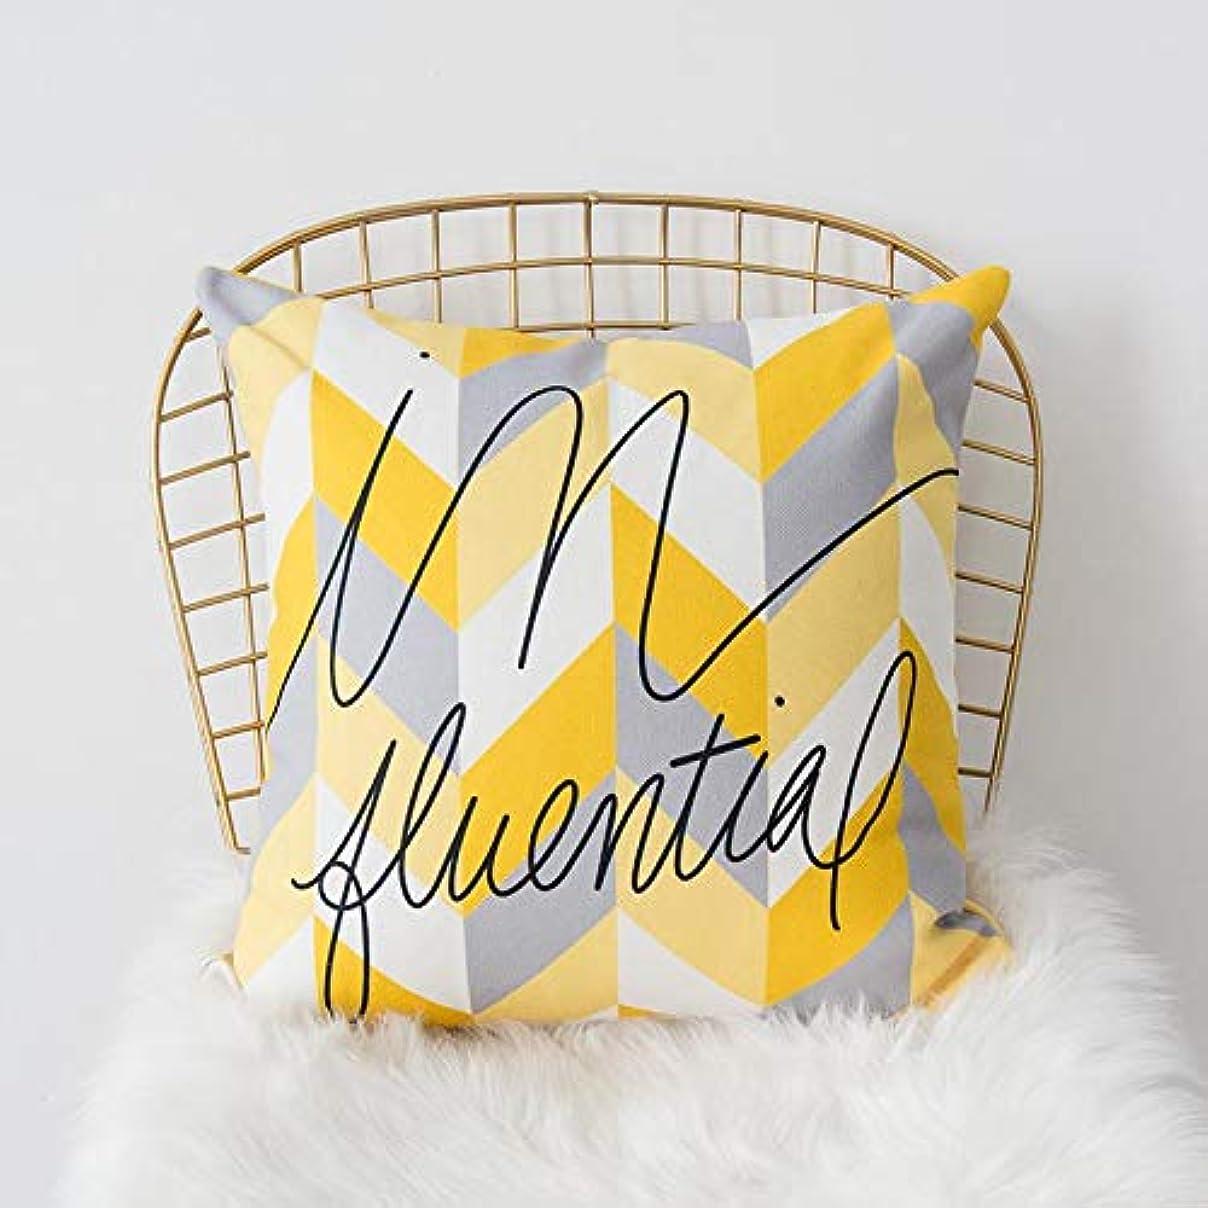 アライメント晩ごはん麻痺LIFE 黄色グレー枕北欧スタイル黄色ヘラジカ幾何枕リビングルームのインテリアソファクッション Cojines 装飾良質 クッション 椅子